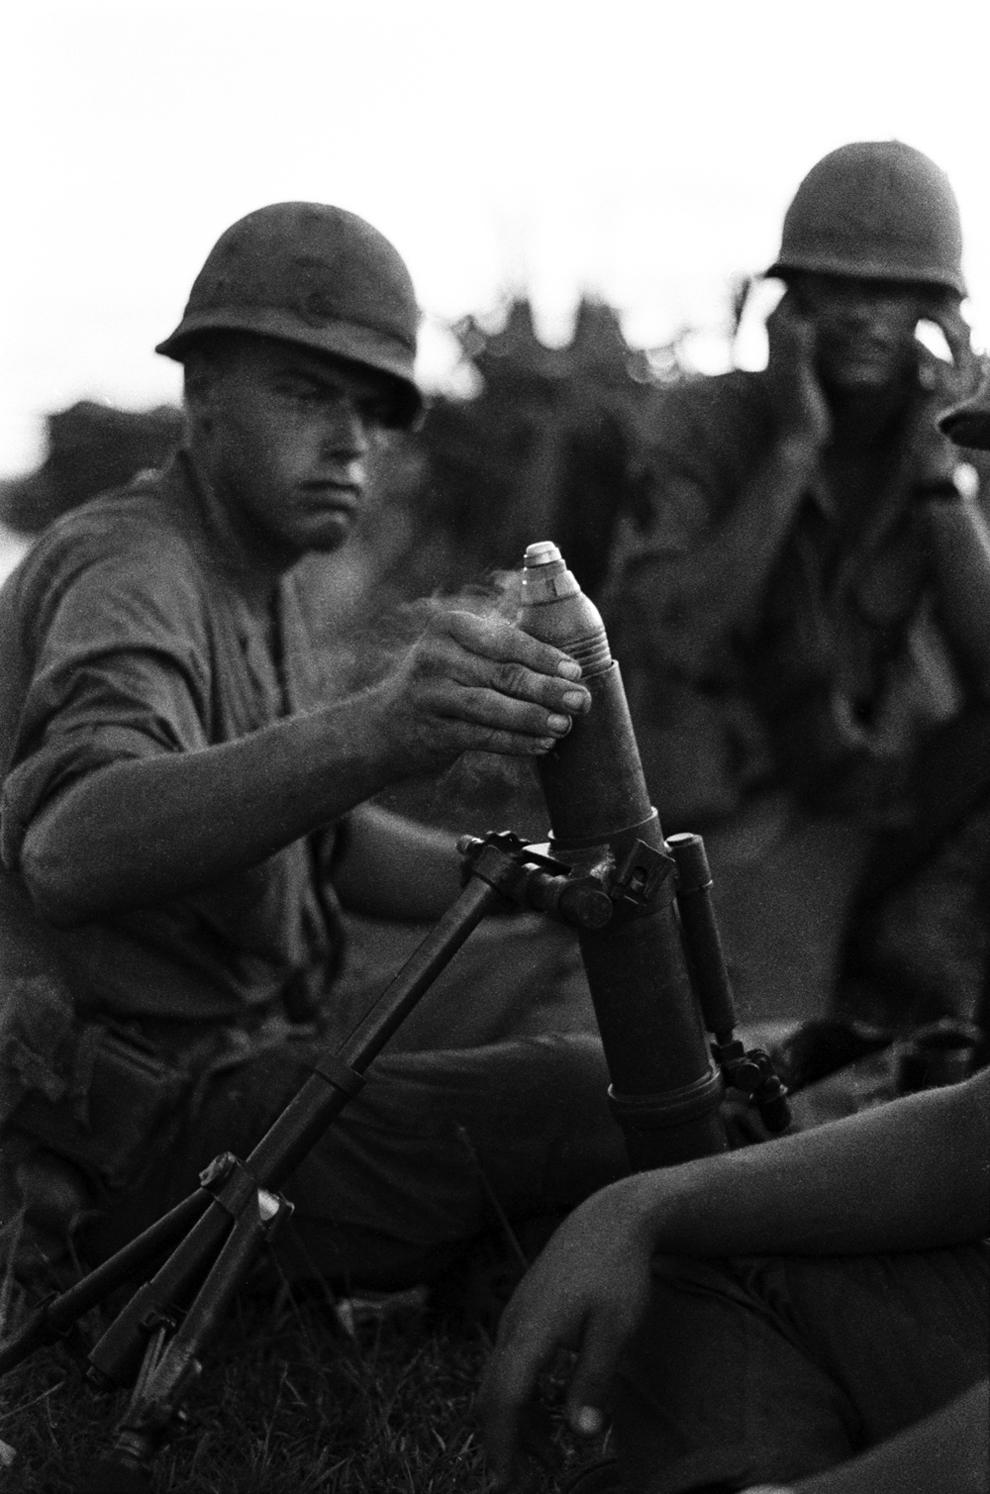 bp10 - Hình ảnh hiếm gây chấn động về cuộc chiến ở Việt Nam